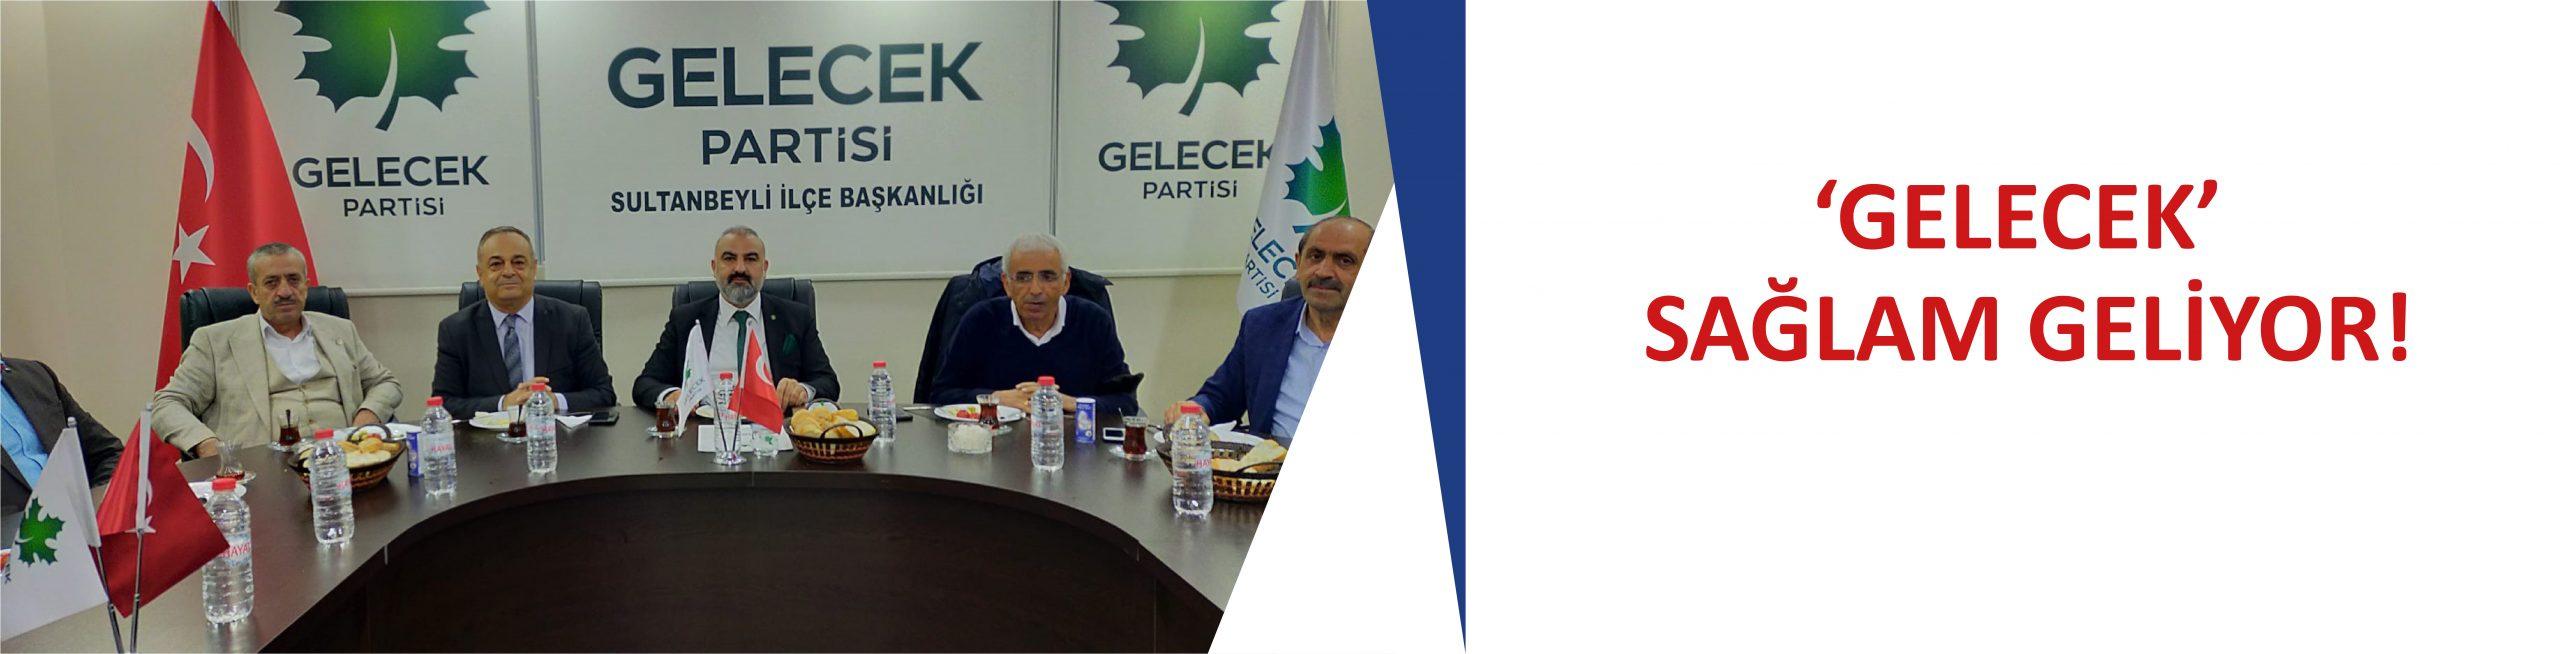 'GELECEK' SAĞLAM GELİYOR!